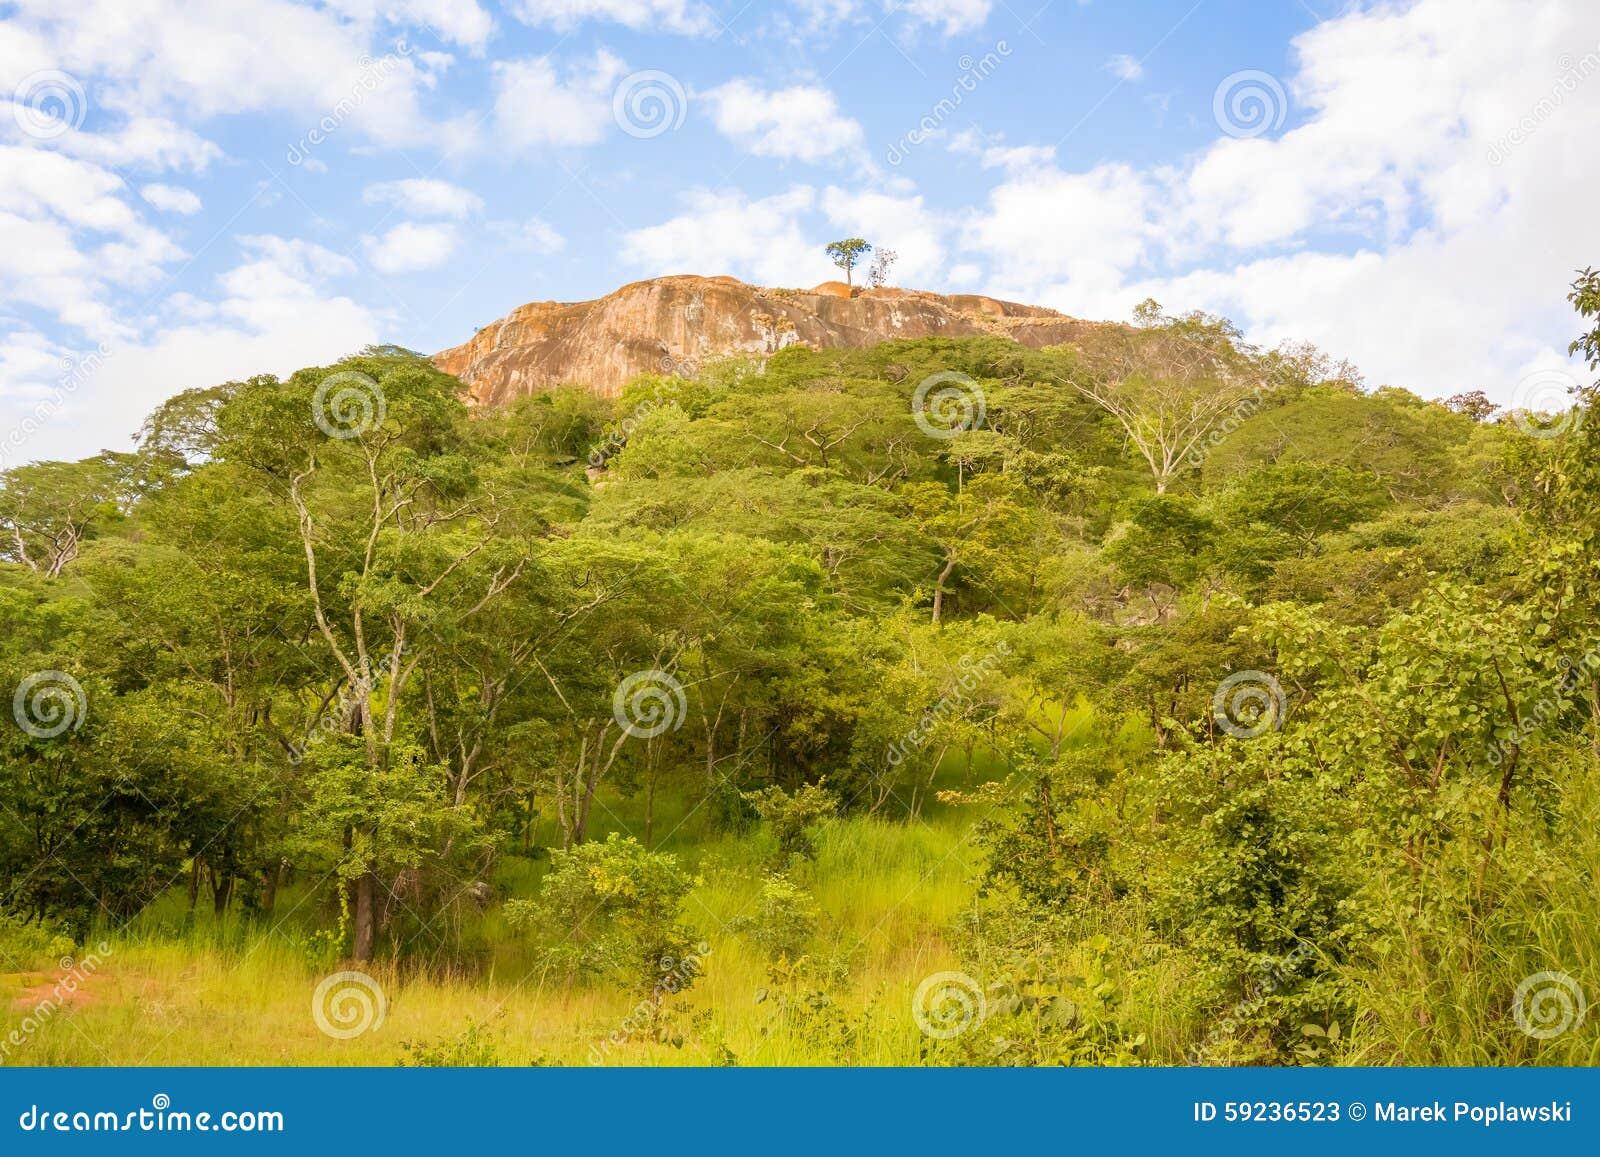 Download Paisaje en Tanzania imagen de archivo. Imagen de cubo - 59236523